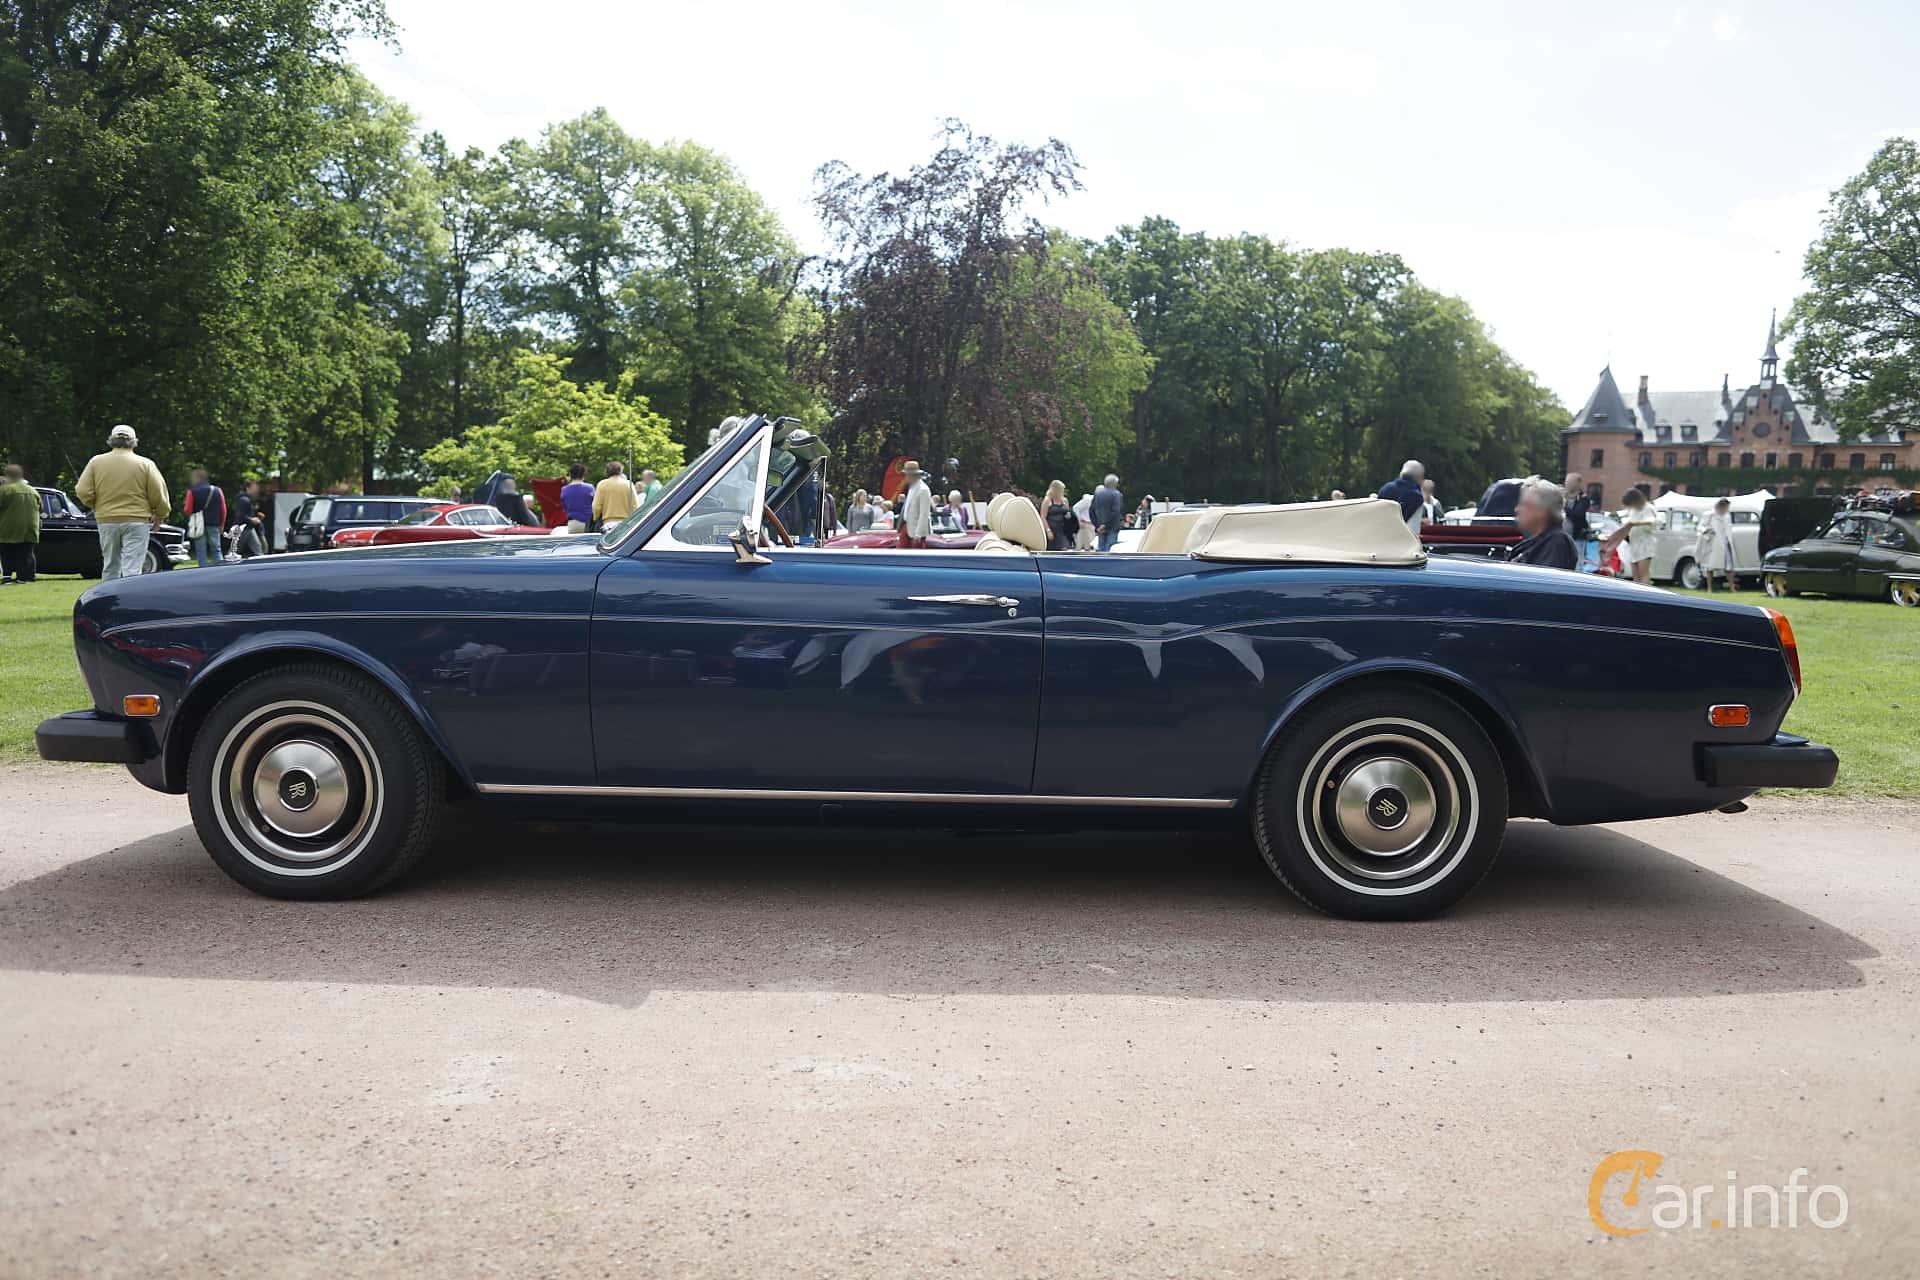 Rolls-Royce Corniche Convertible 6.8 V8 Automatic, 200hp, 1975 at Sofiero Classic 2019